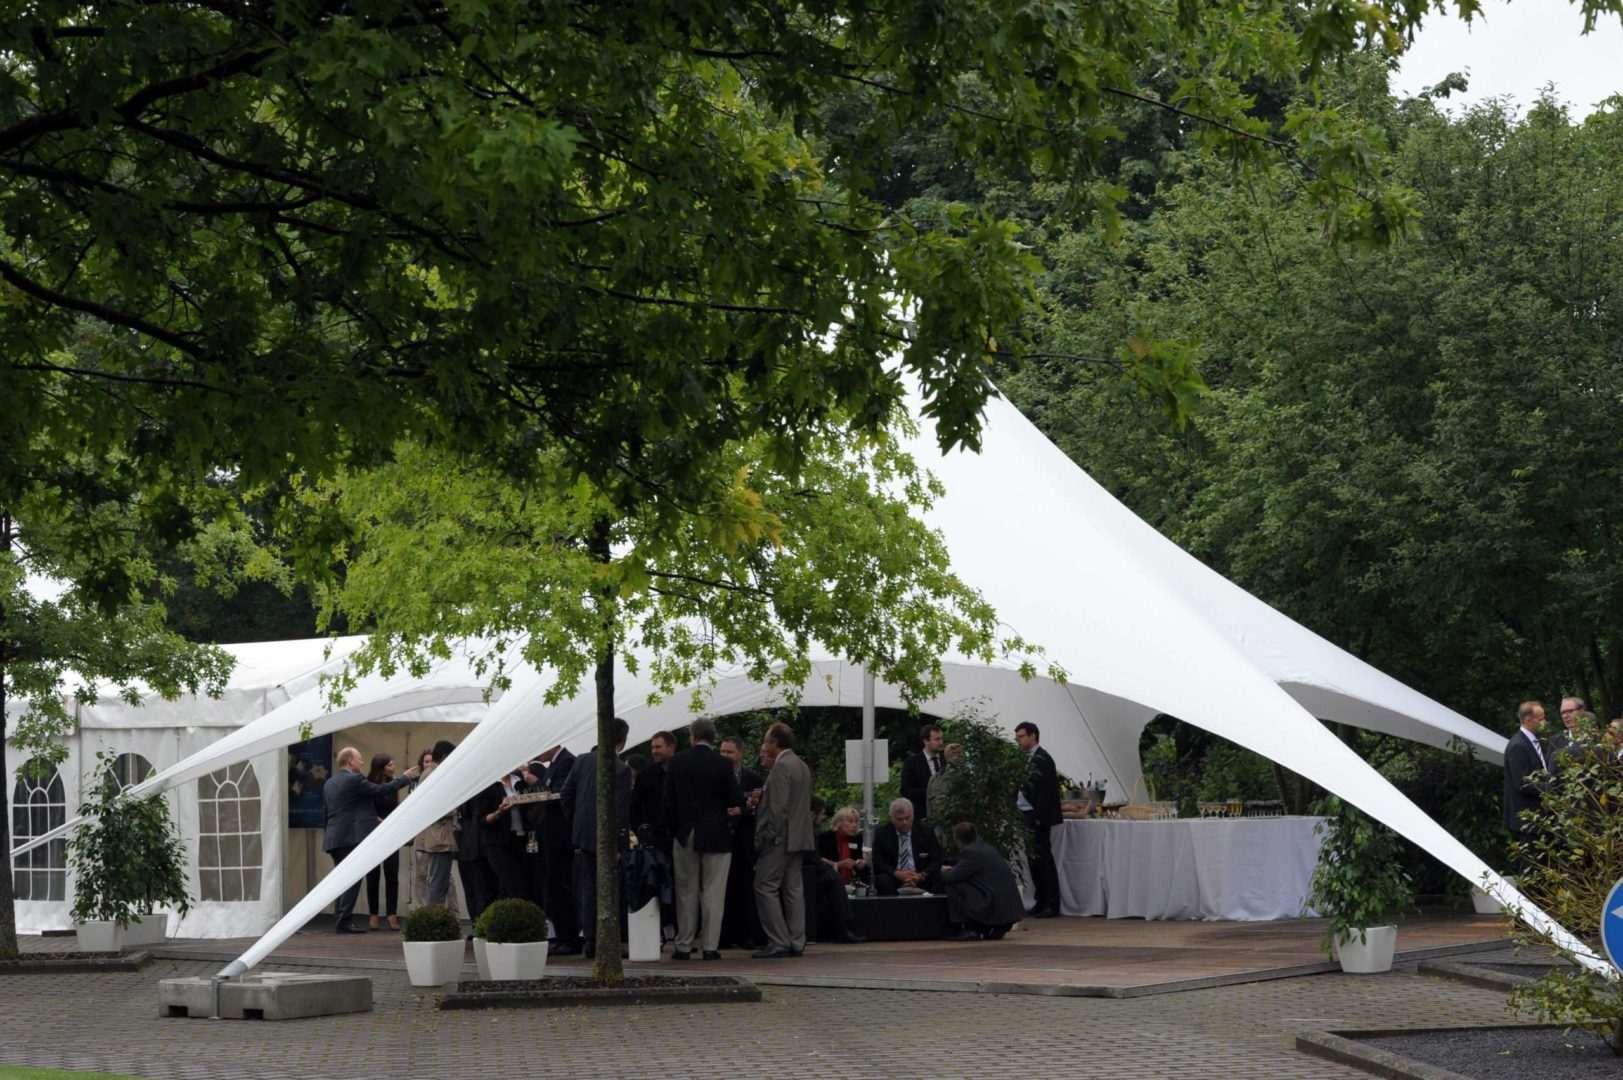 25-ans-euroscript-2009-projet-chapiteau-extérieur-luxembourg